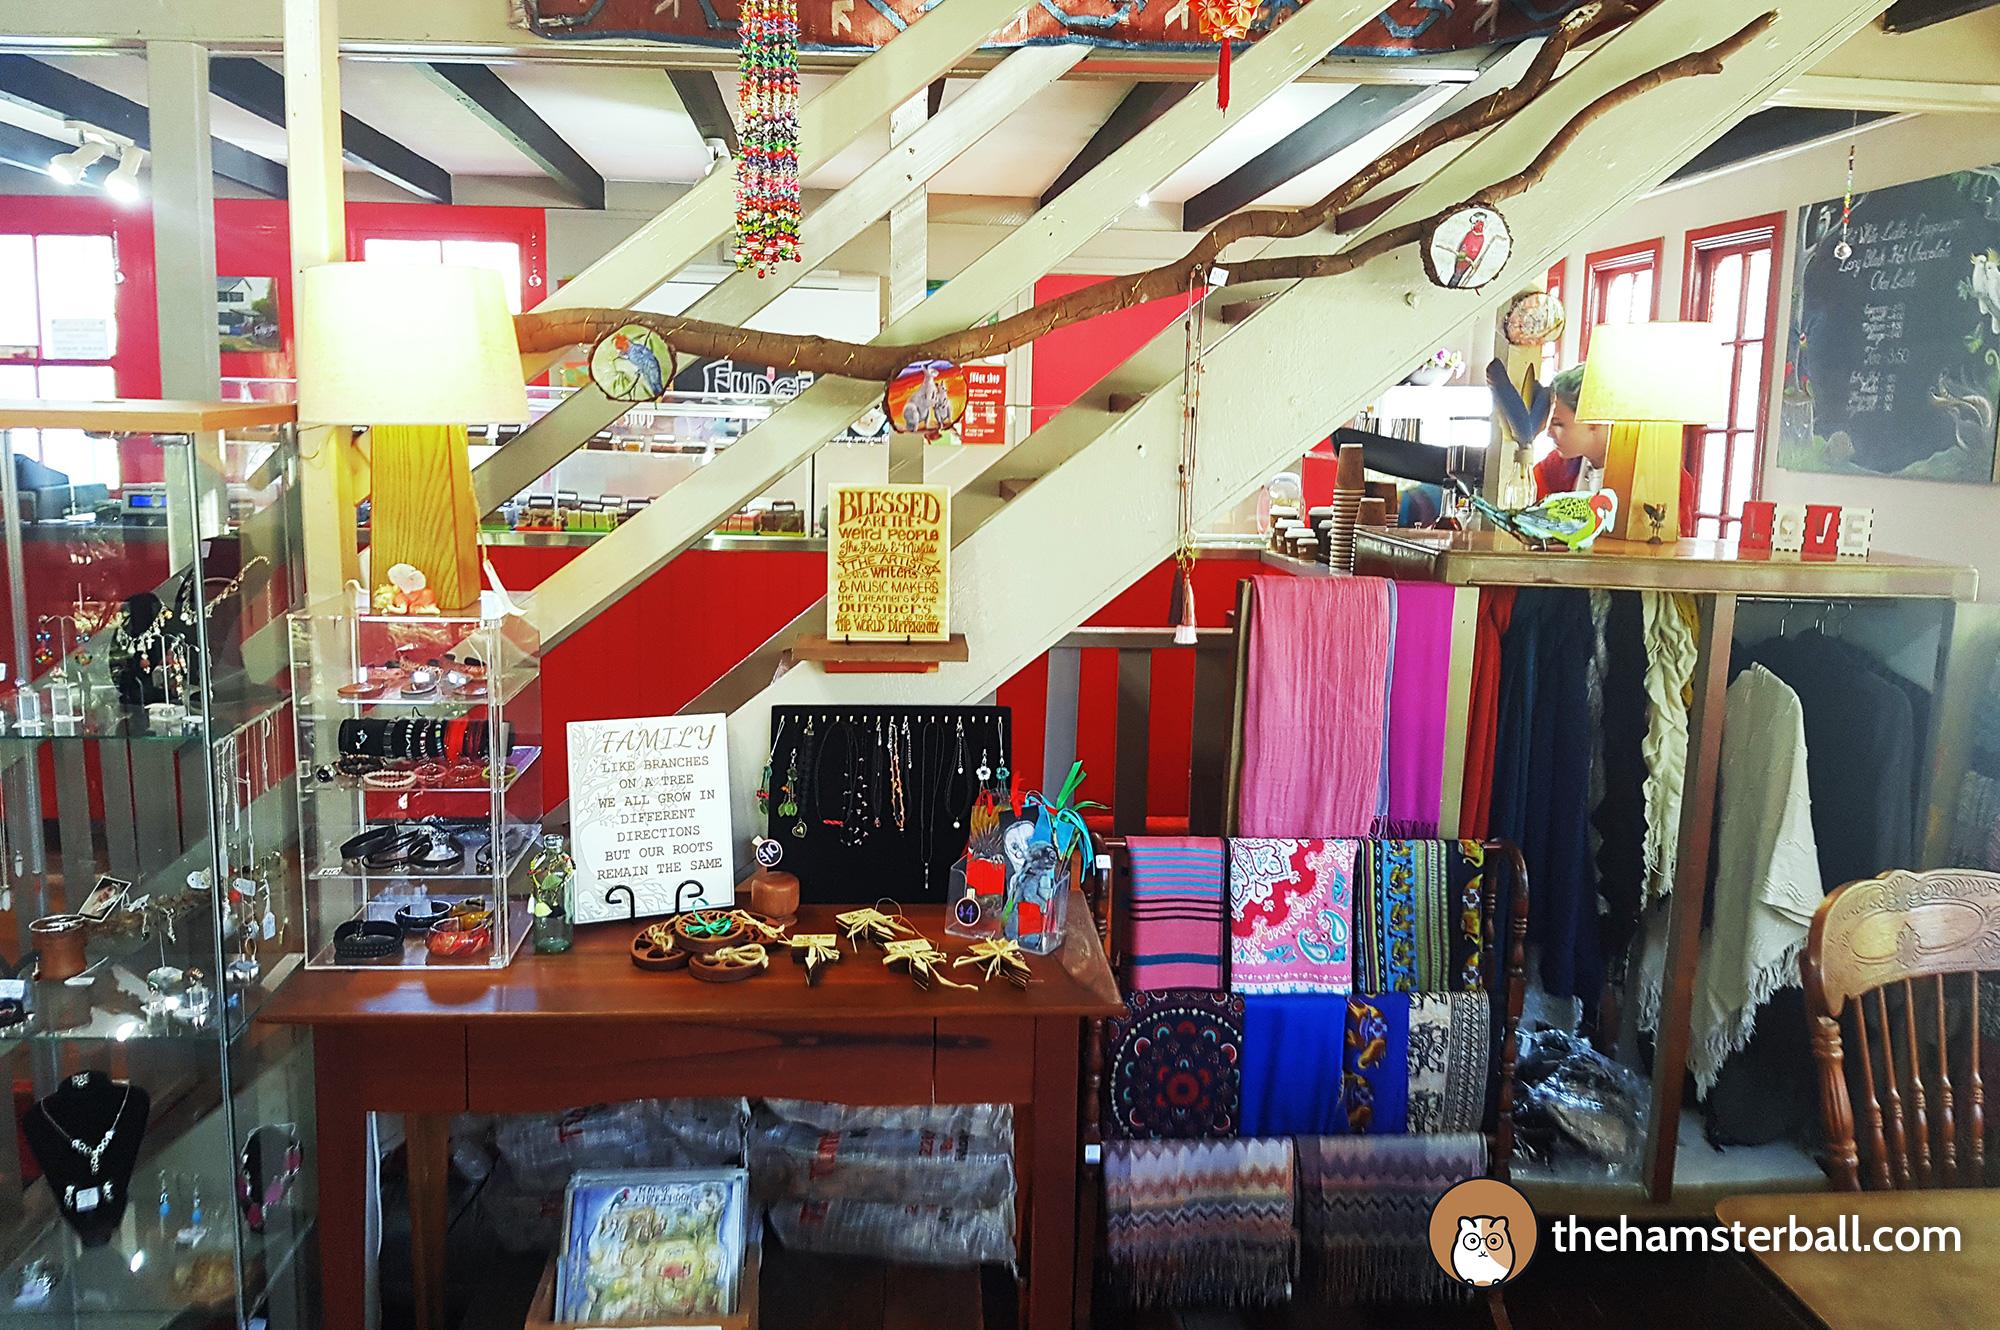 The Fudge Shop, Springbrook, Eco Sensitive, environment, colors, souvenirs